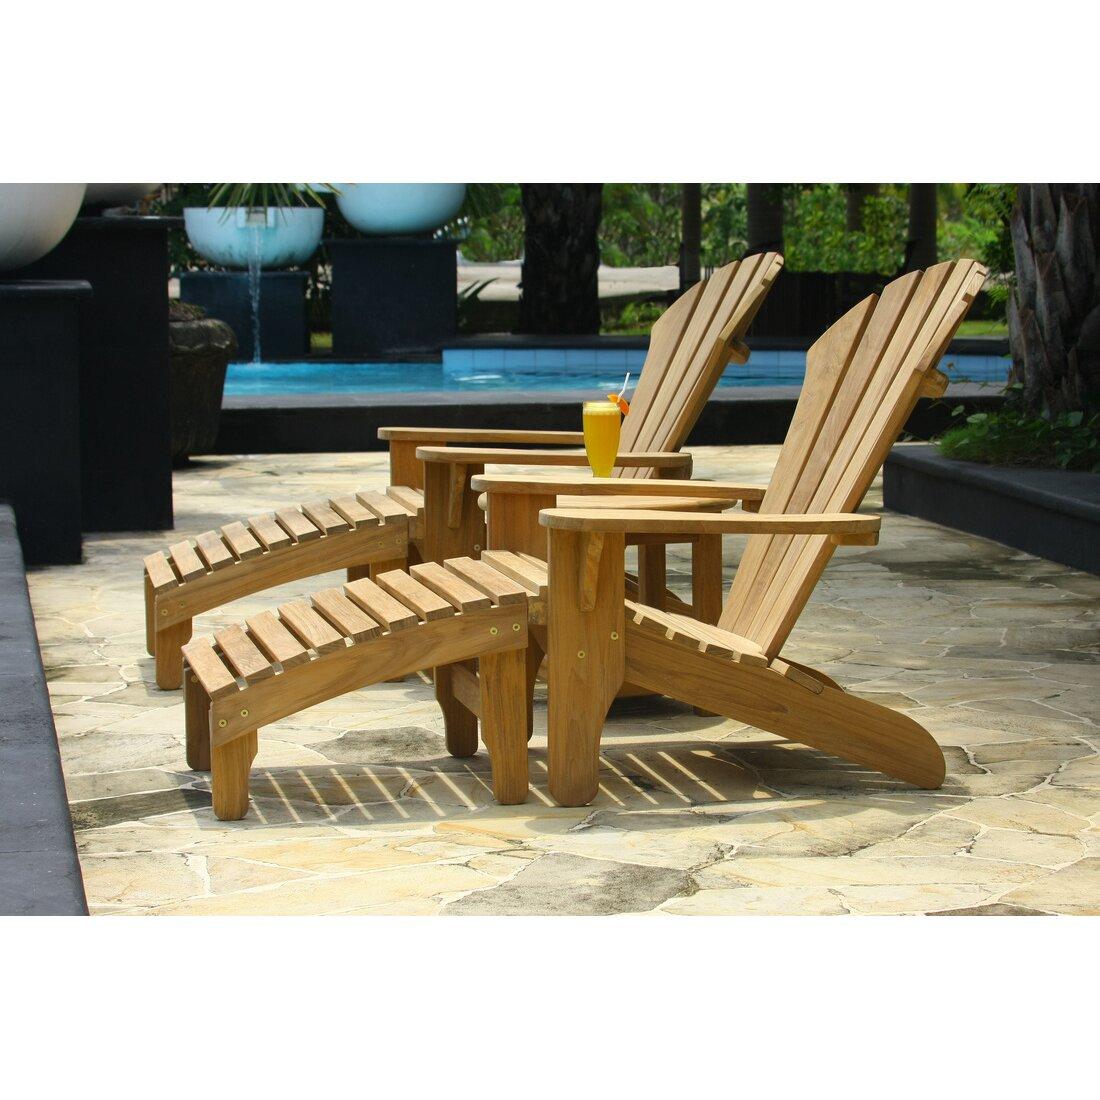 Douglas Nance Lakeside Adirondack Chair And Ottoman